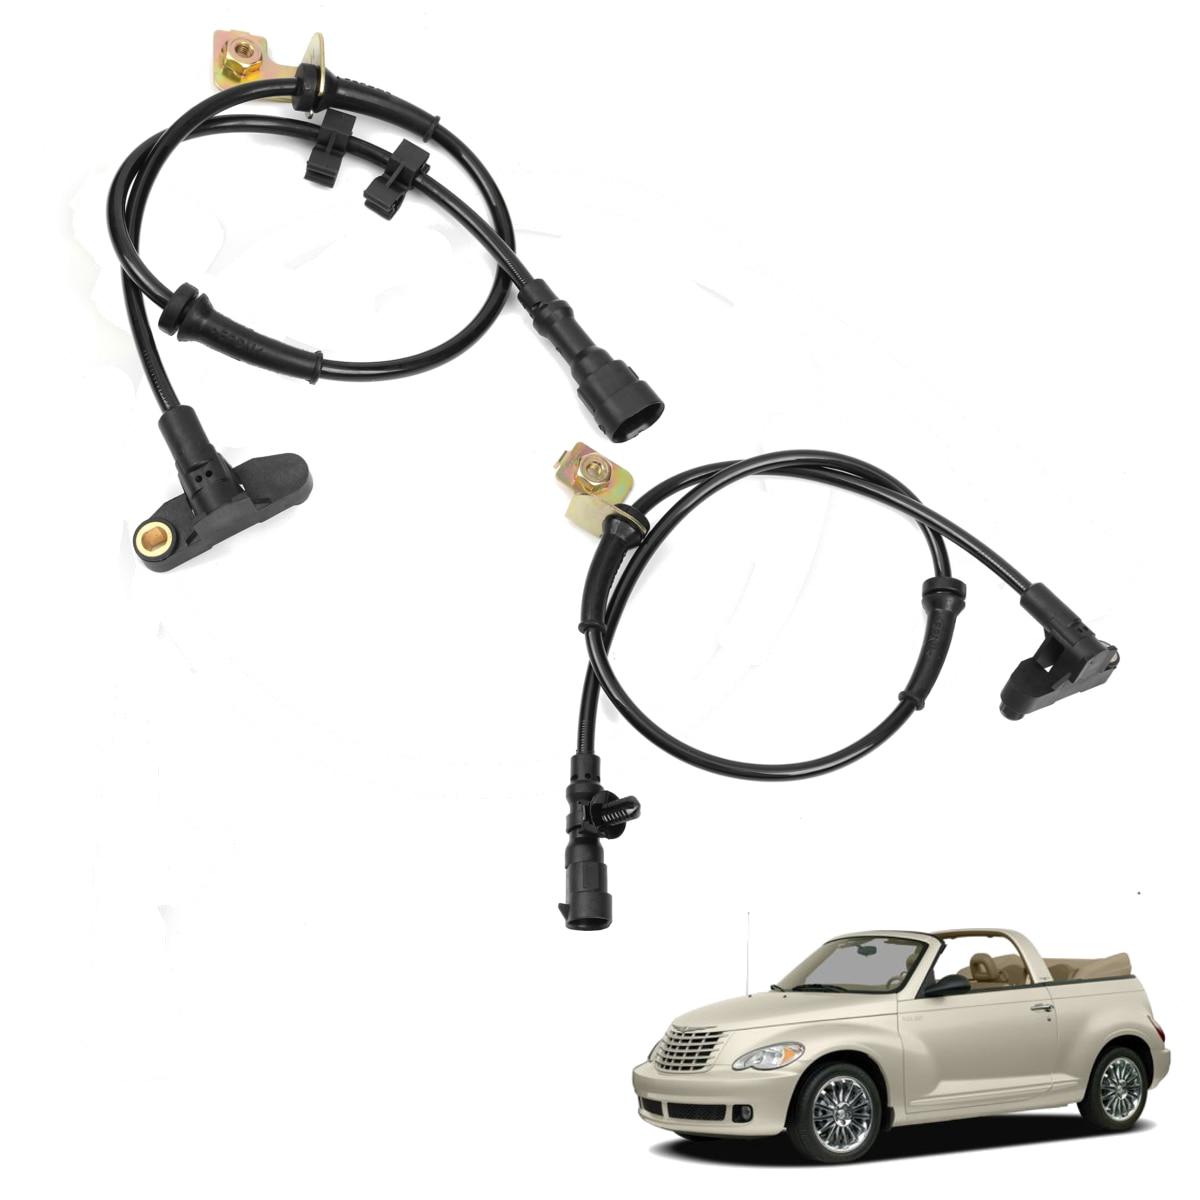 Voiture avant gauche droite ABS roue capteur de vitesse Transmission pour CHRYSLER PT CRUISER 2000-2010 5273333AC 5273332AE accessoires